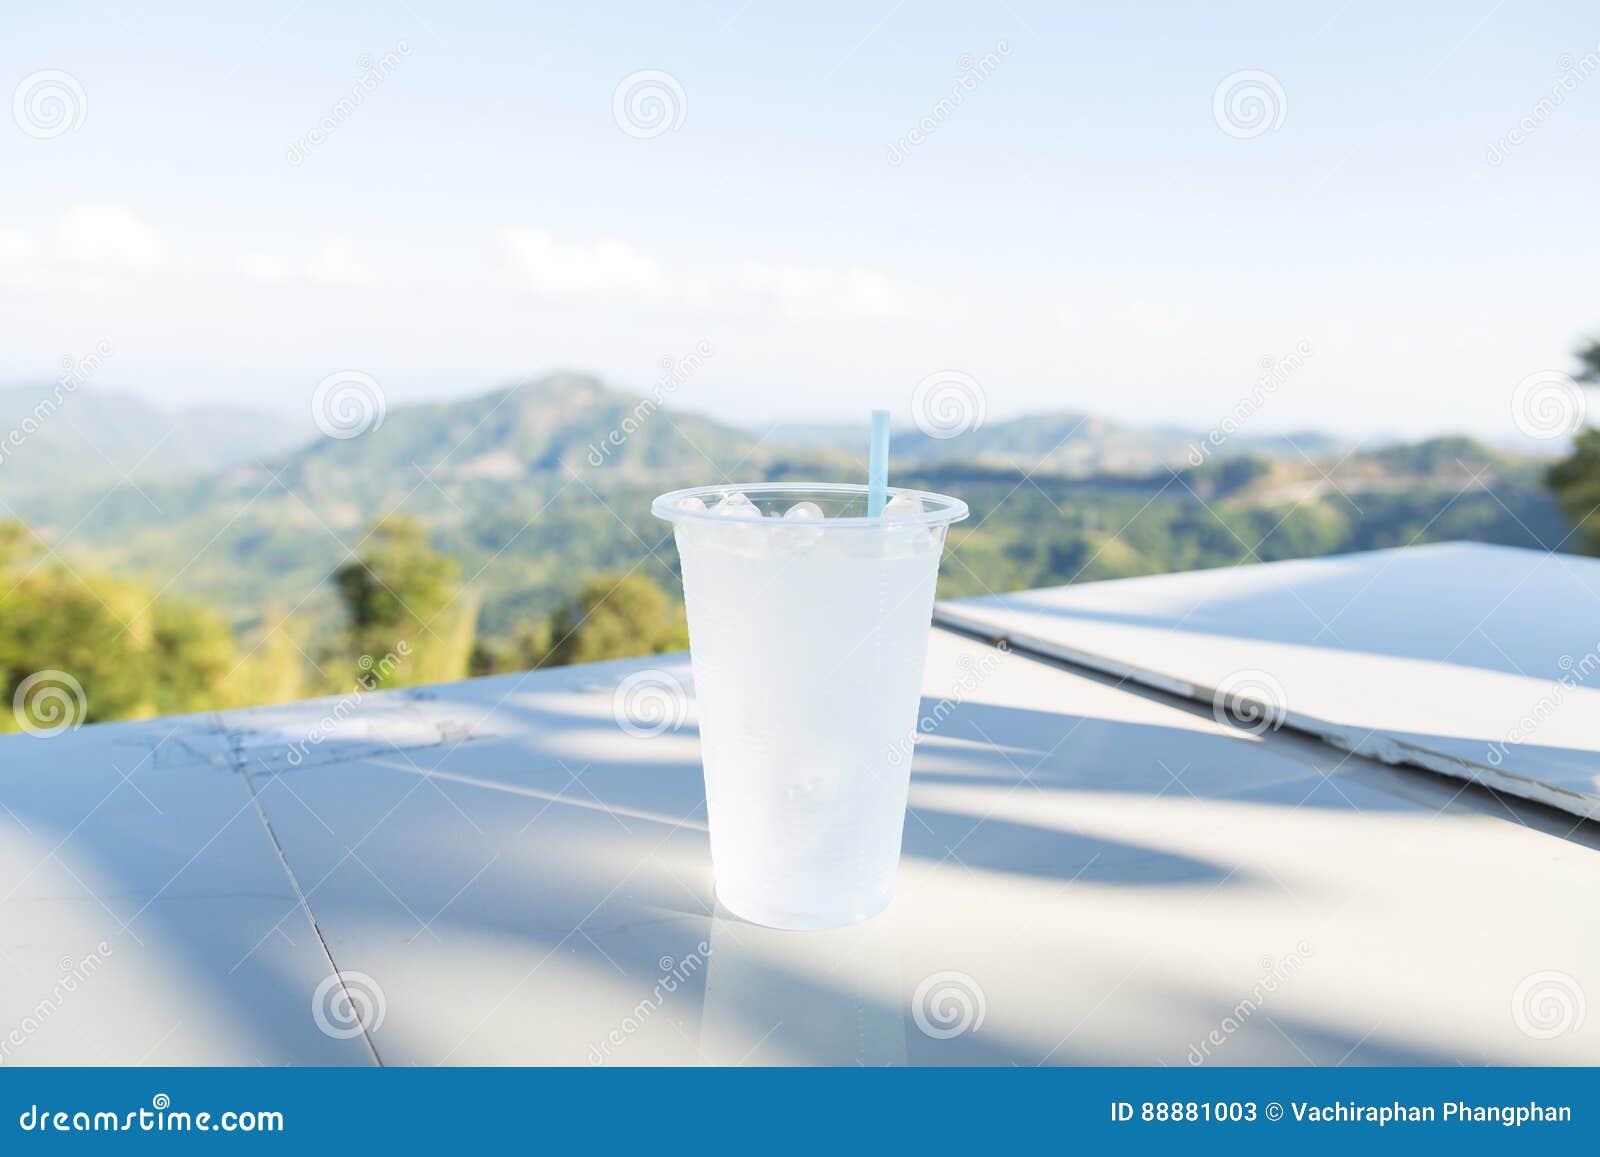 一个塑料杯子